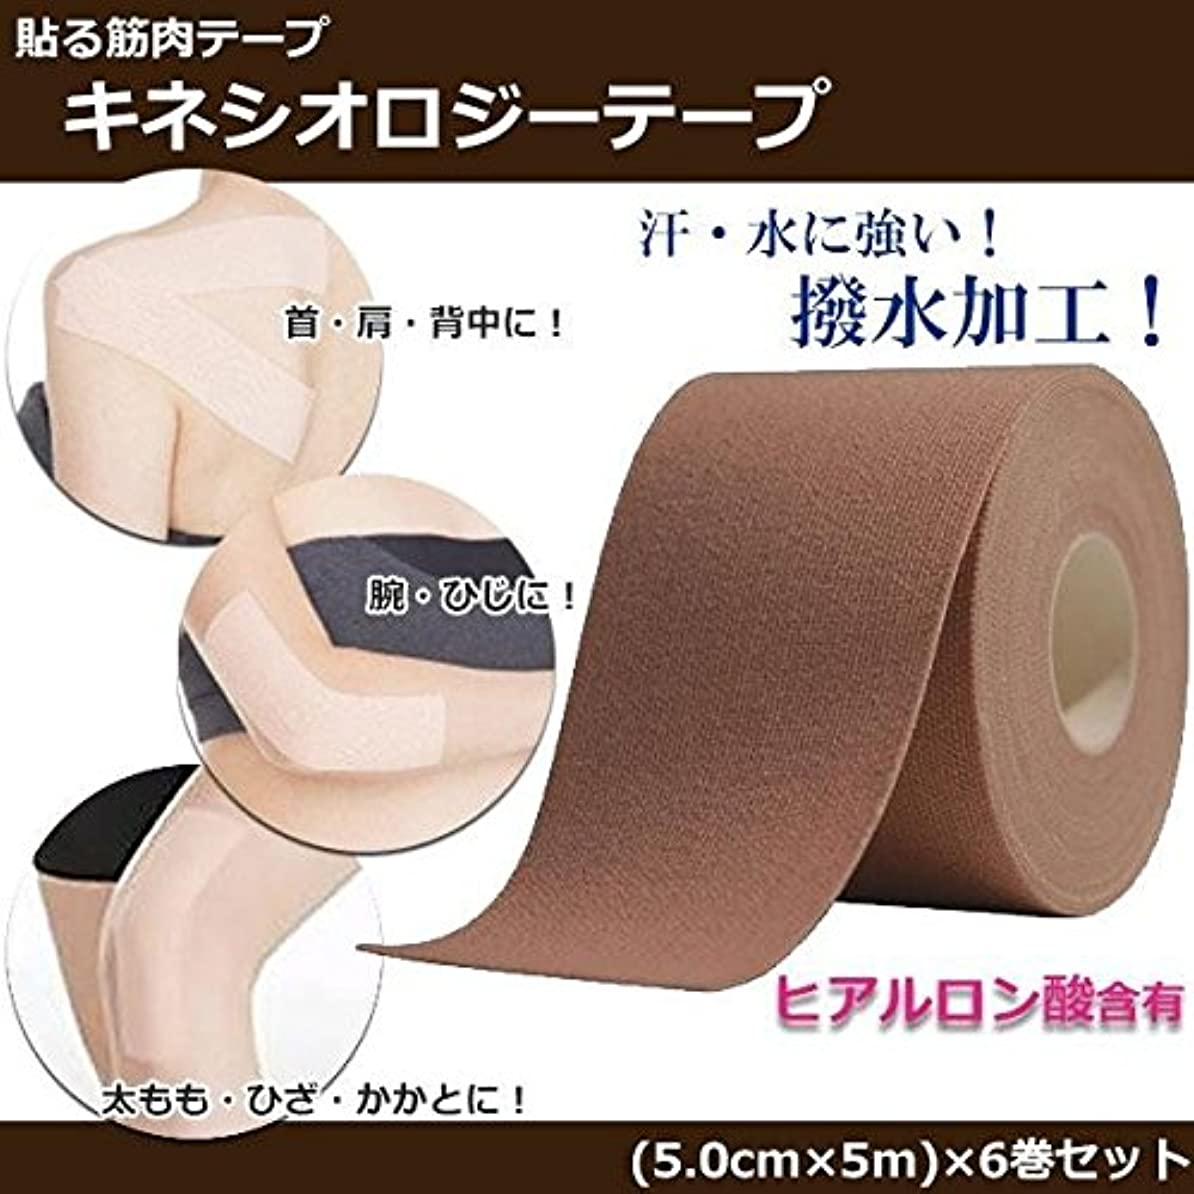 貼る筋肉テープ キネシオロジーテープ ヒアルロン酸含有 日本製 6巻セット